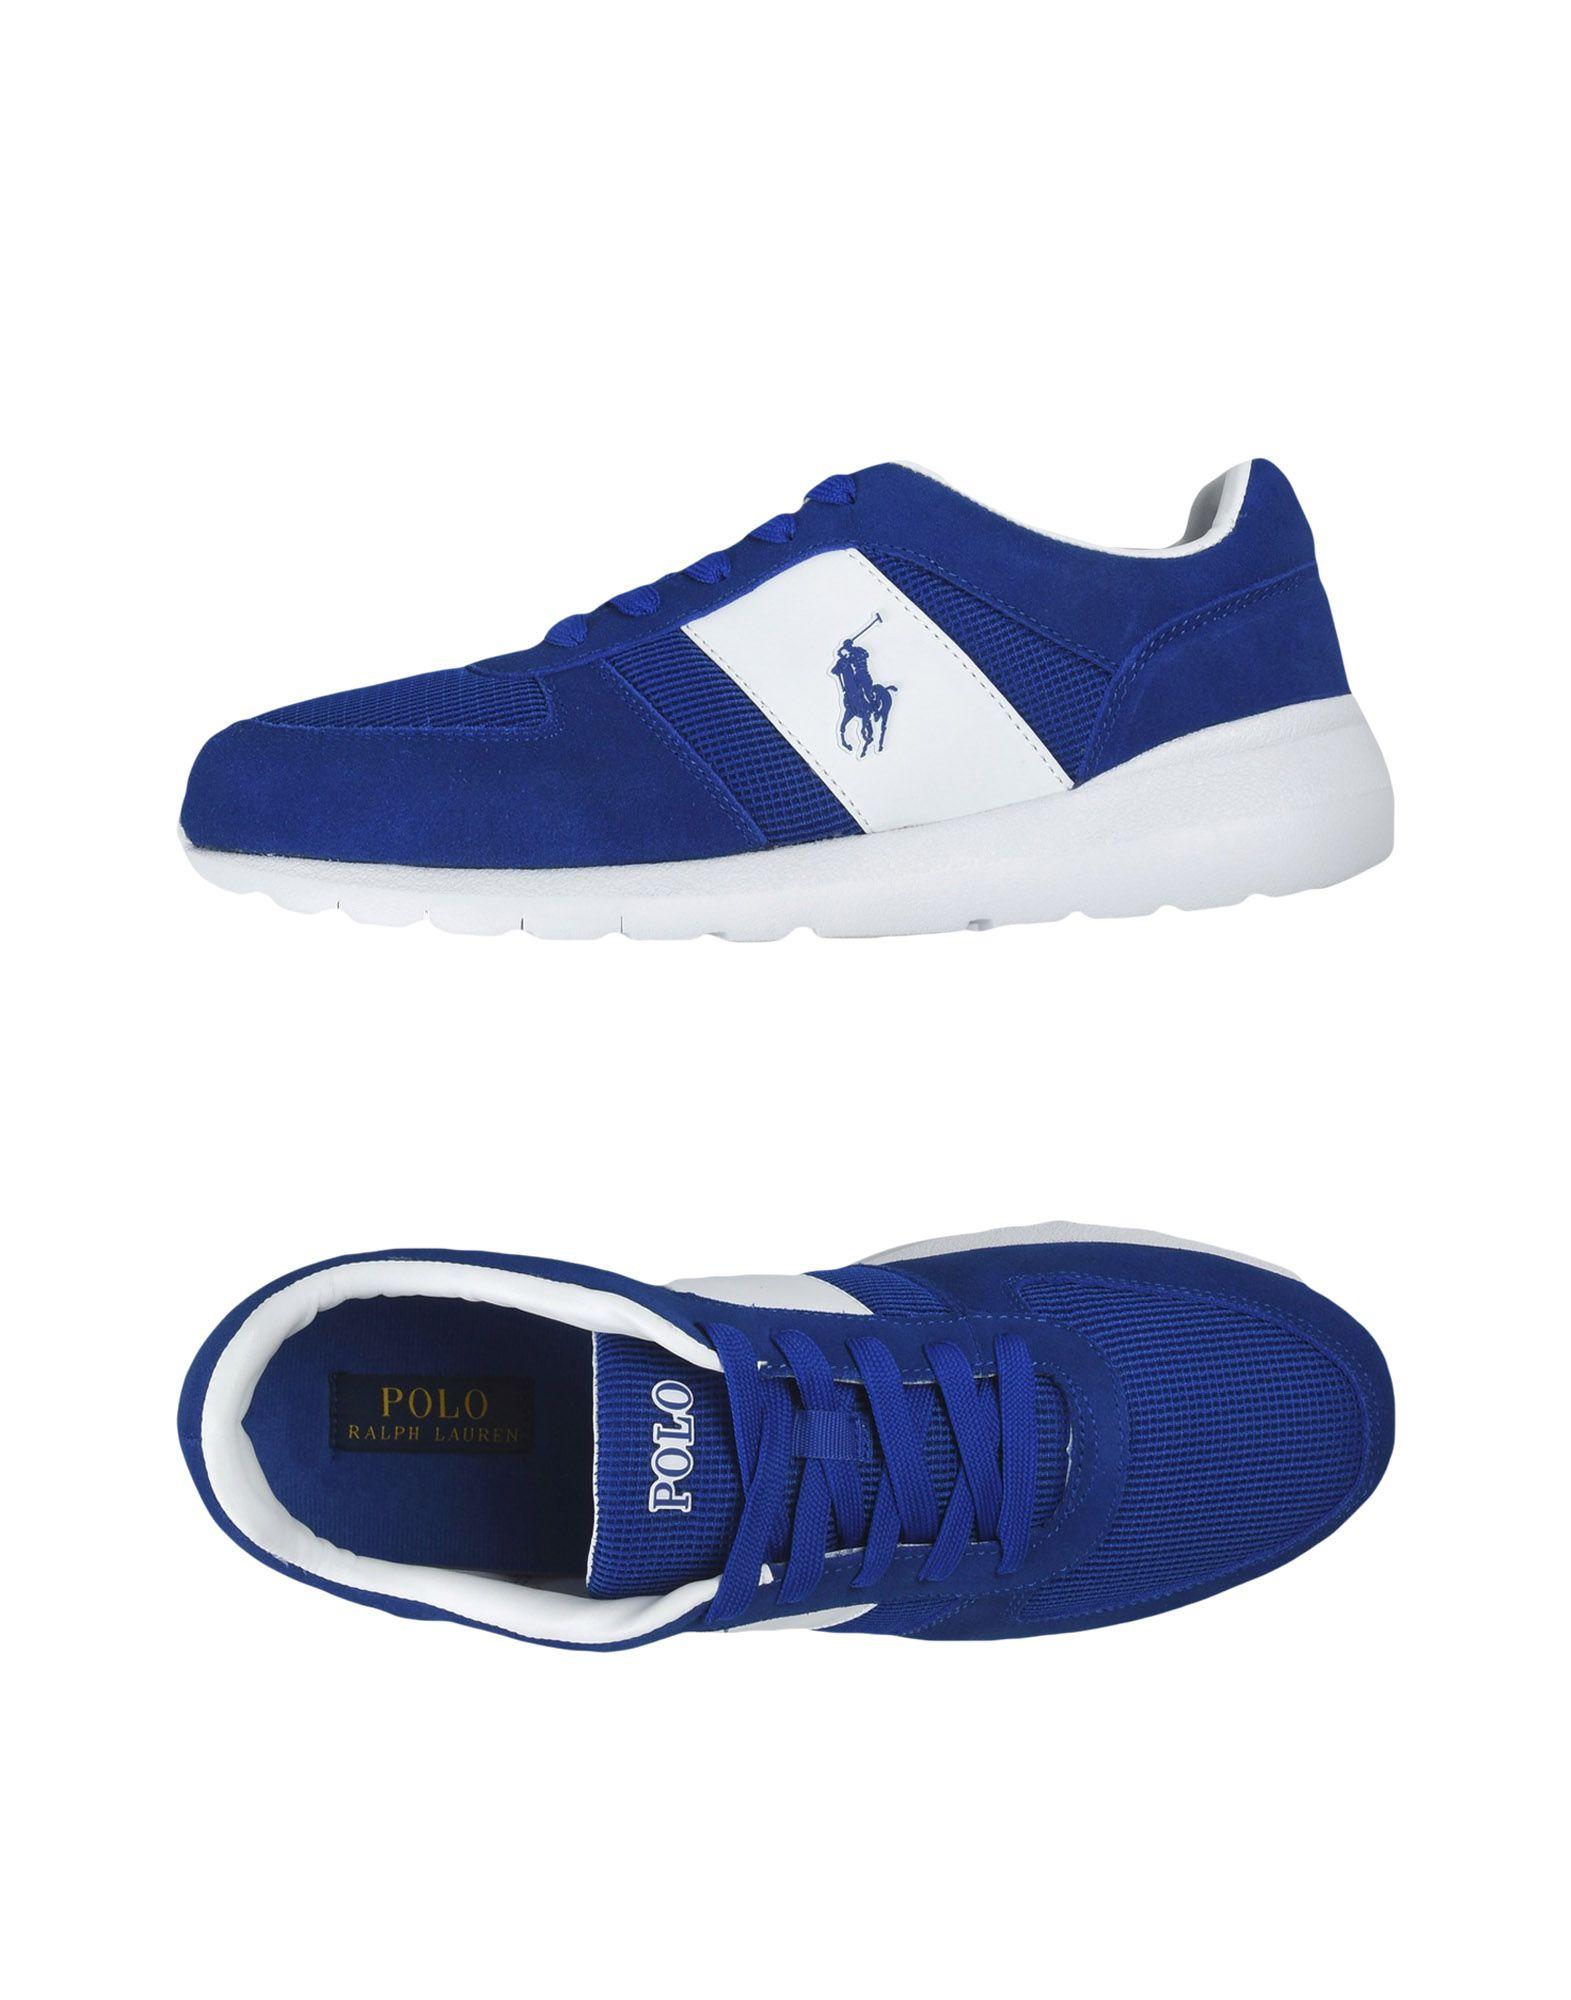 Rabatt Lauren echte Schuhe Polo Ralph Lauren Rabatt Sneakers Herren  11203570CQ 86aa0a